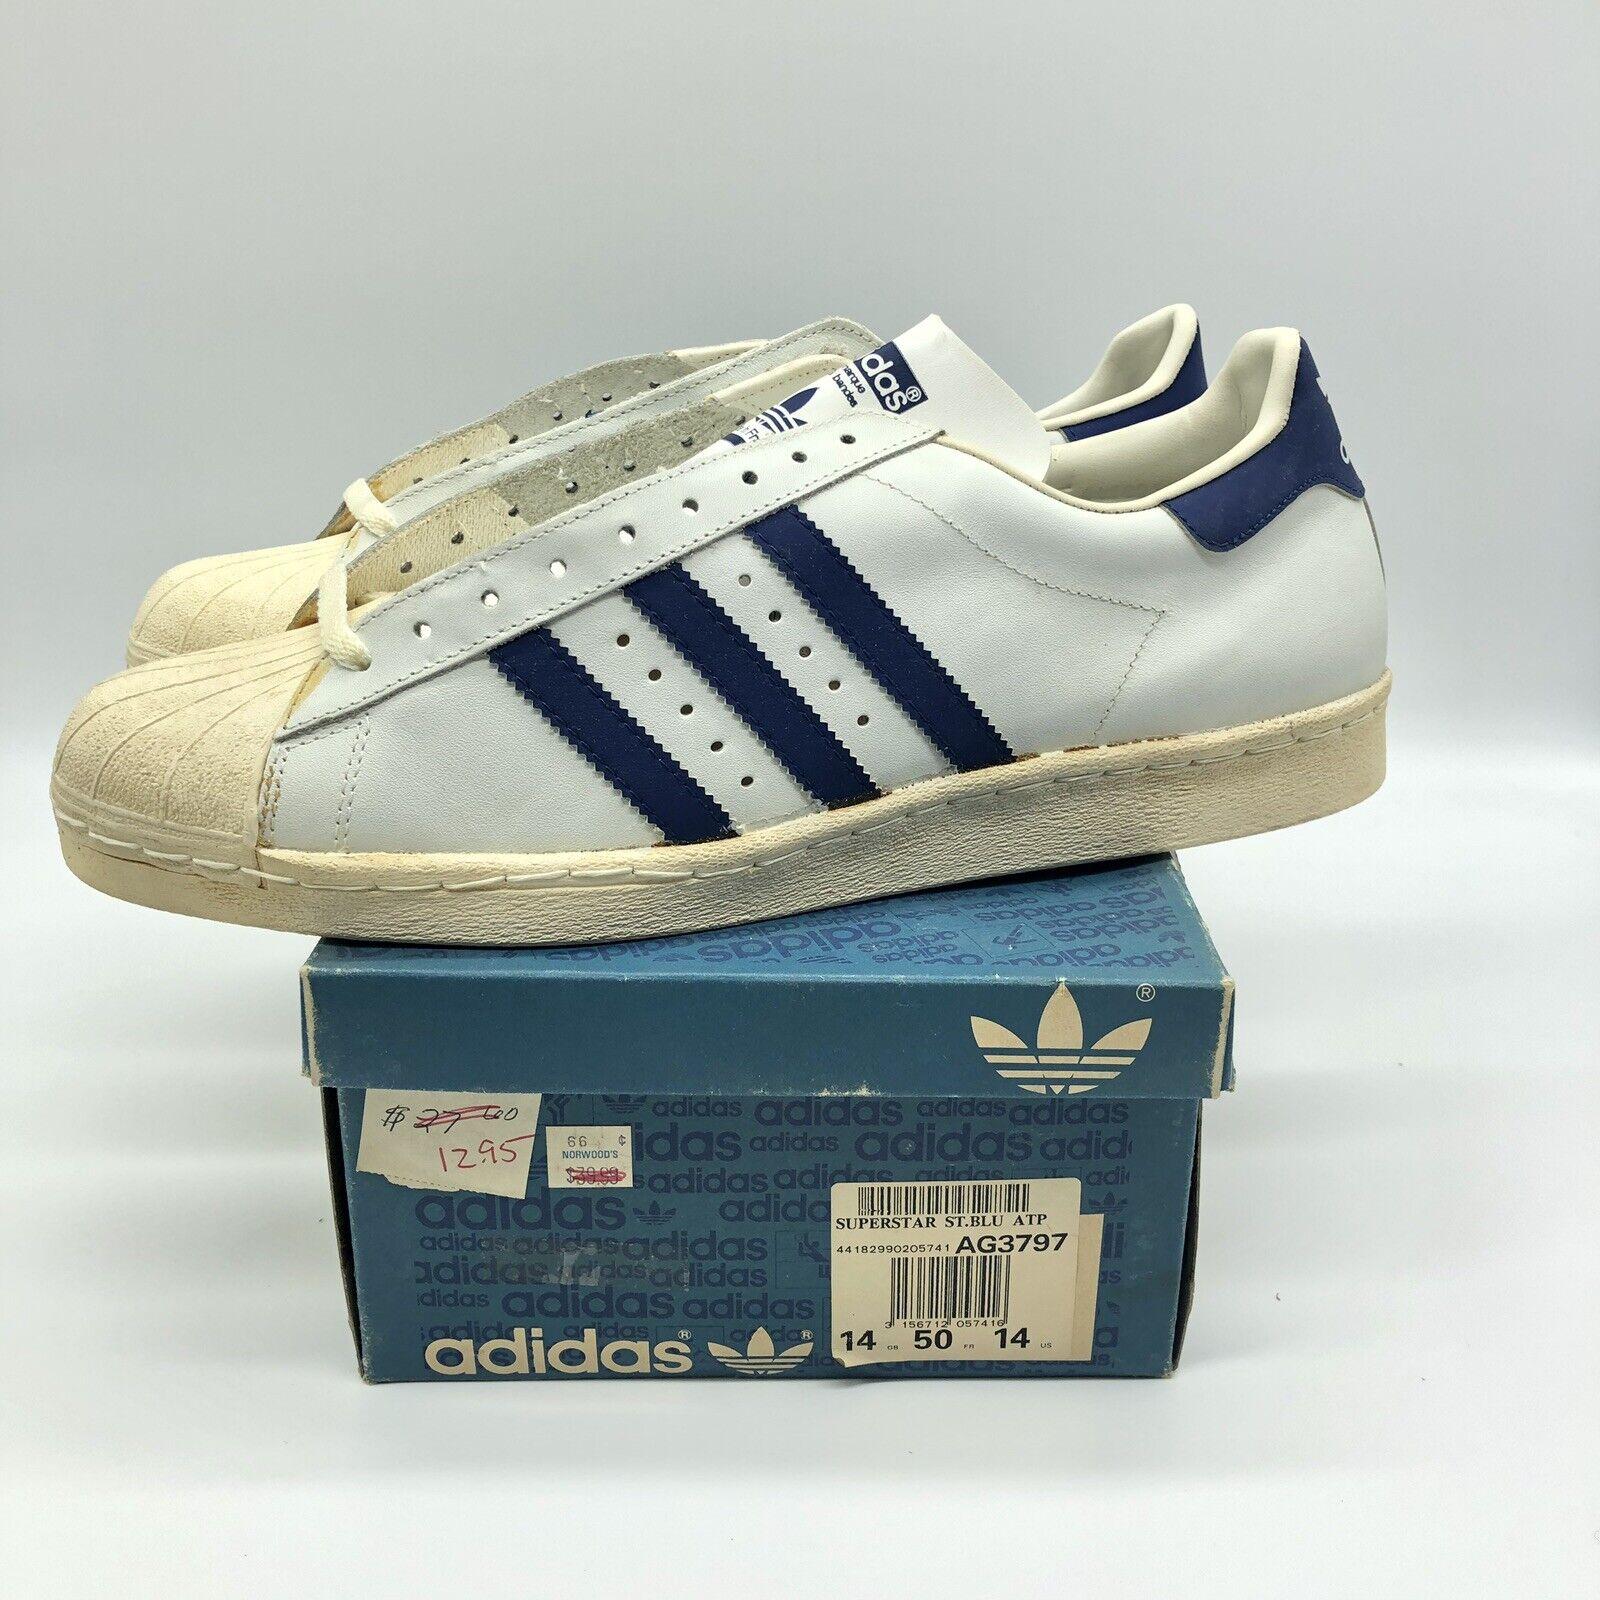 VERY RARE The Original Adidas Superstar